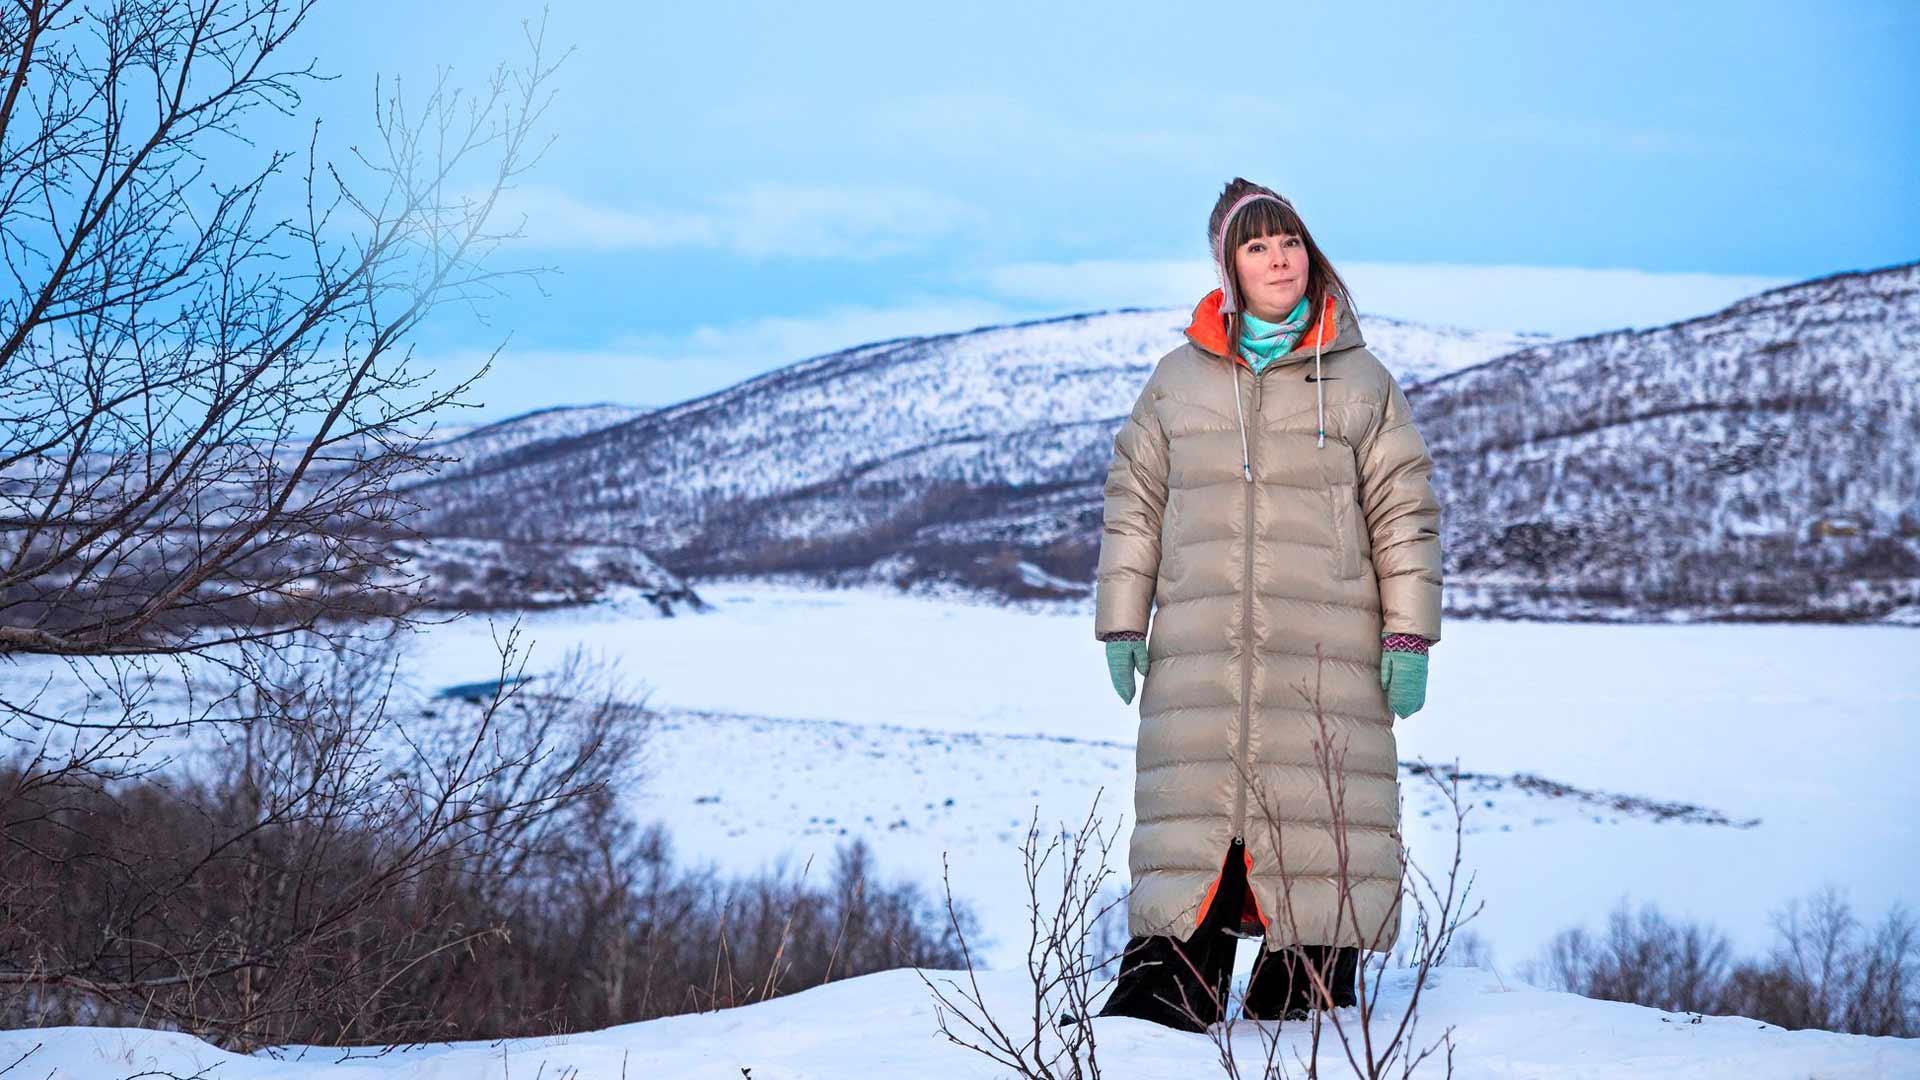 Anna Näkkäläjärvi-Länsman asuu perheineen Tenojokivarressa Utsjoella. Hän on pohjoissaamelainen ja lähtöisin Inarista.